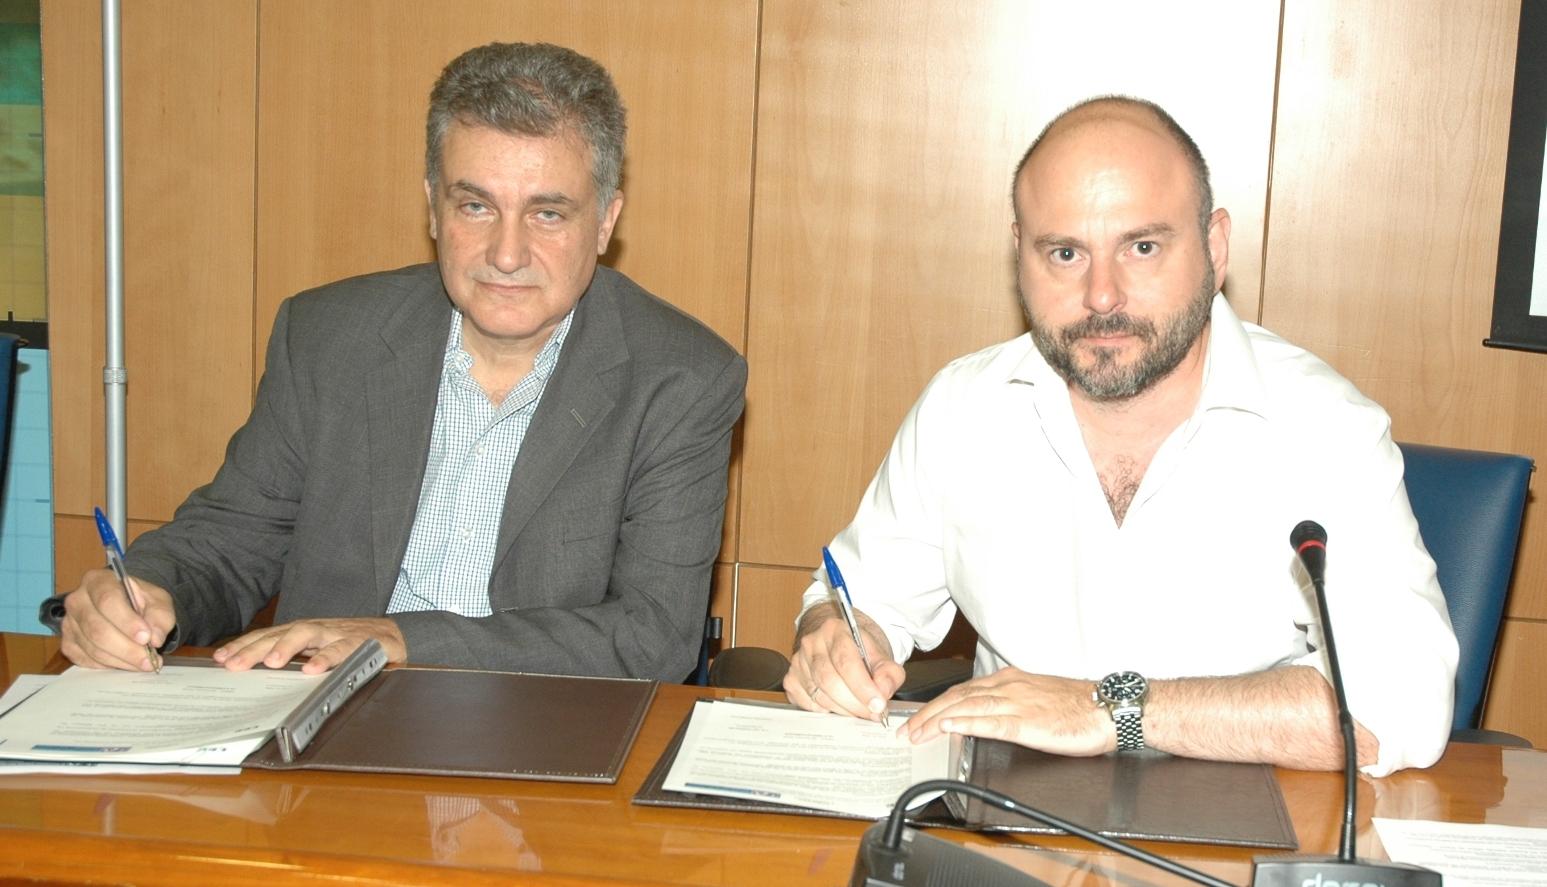 30-6-2016: Υπογραφή Συμφώνου Συνεργασίας του Τεχνικού Επιμελητηρίου Ελλάδας και της Ελληνικής Ένωσης Εργαστηρίων